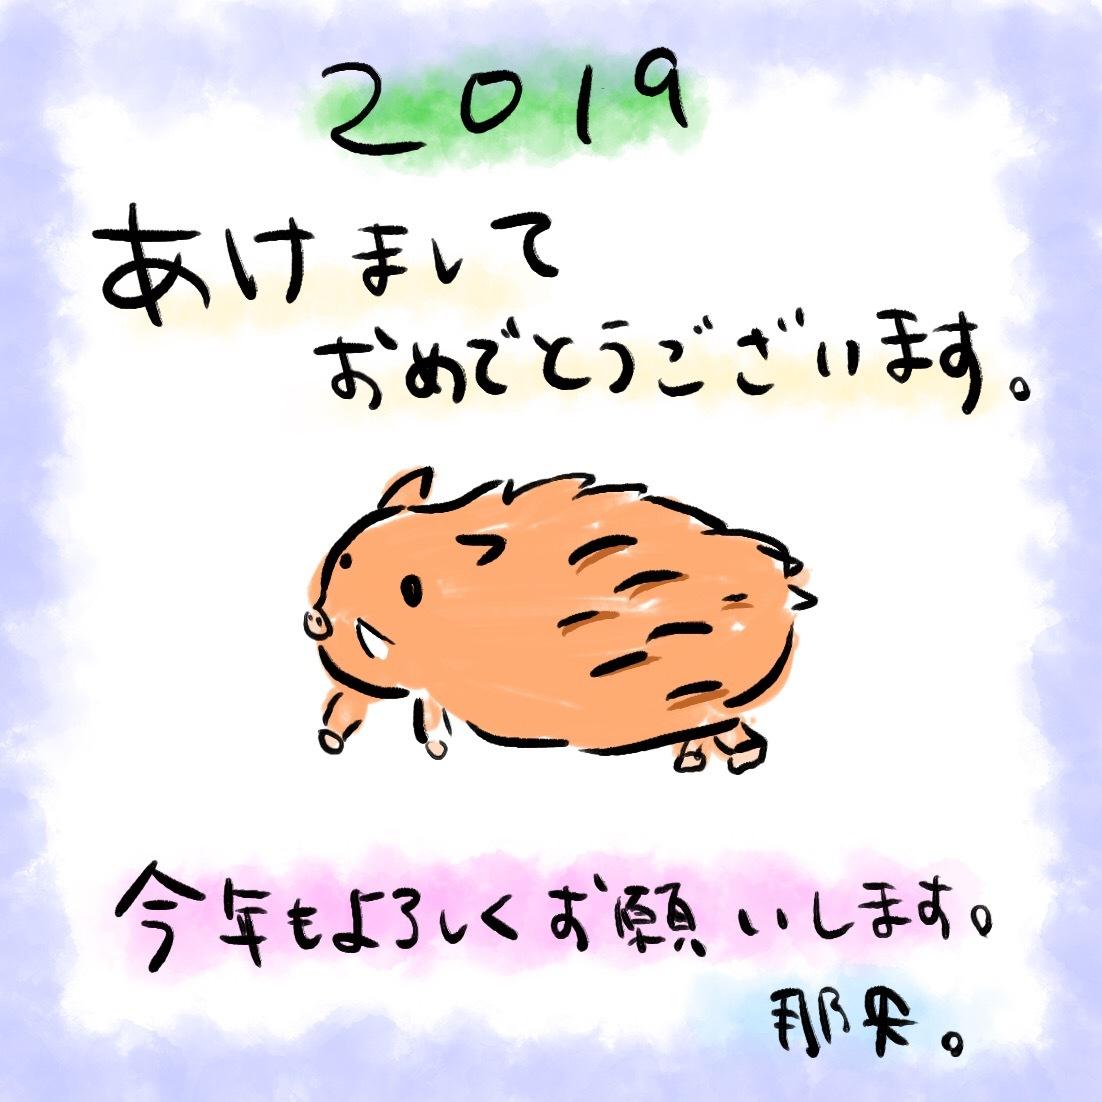 ファイル 2019-01-12 19 04 39